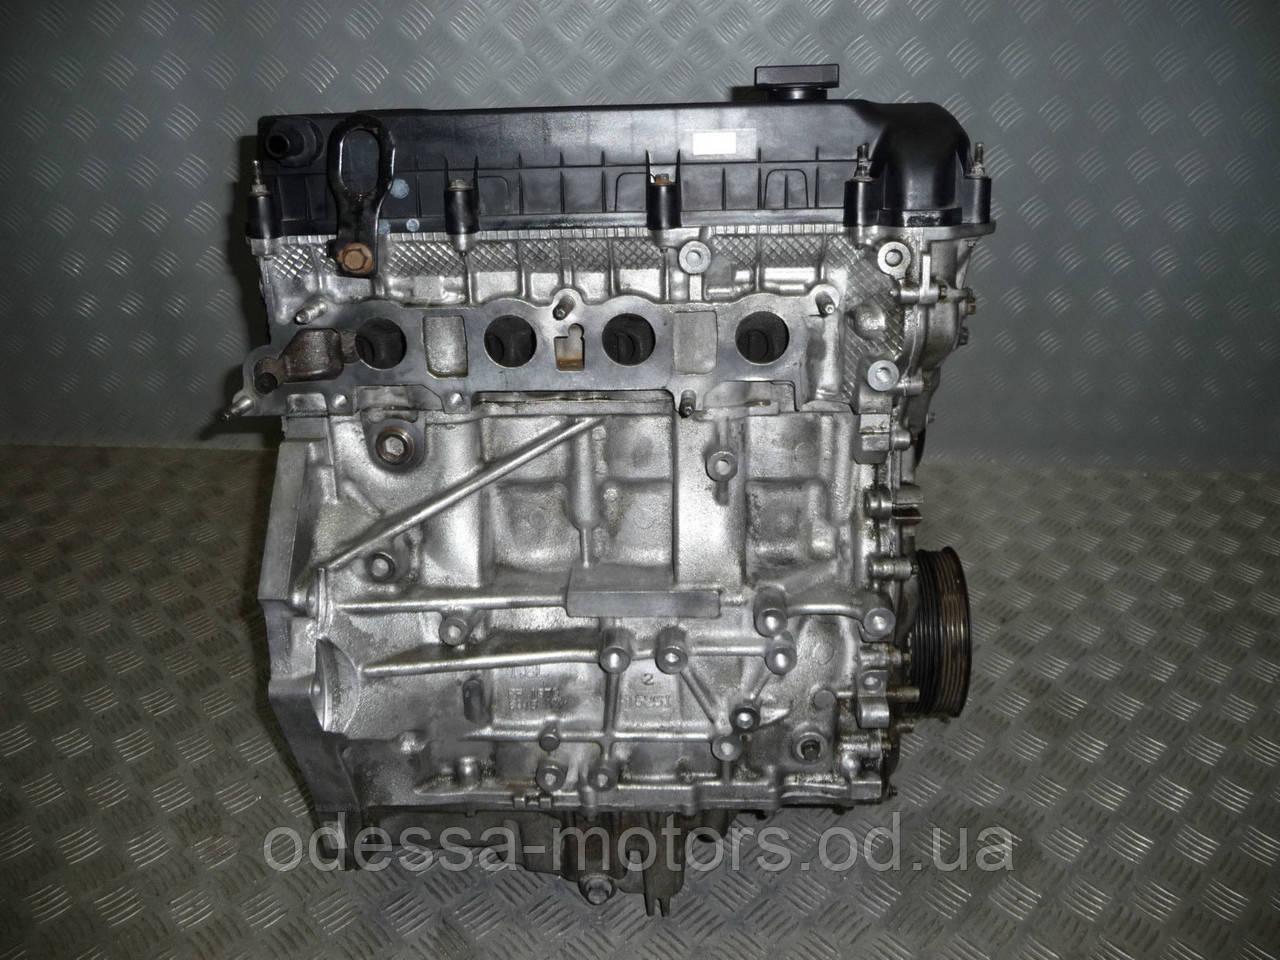 Двигатель Mazda 5 1.8, 2005-today тип мотора L823, фото 1